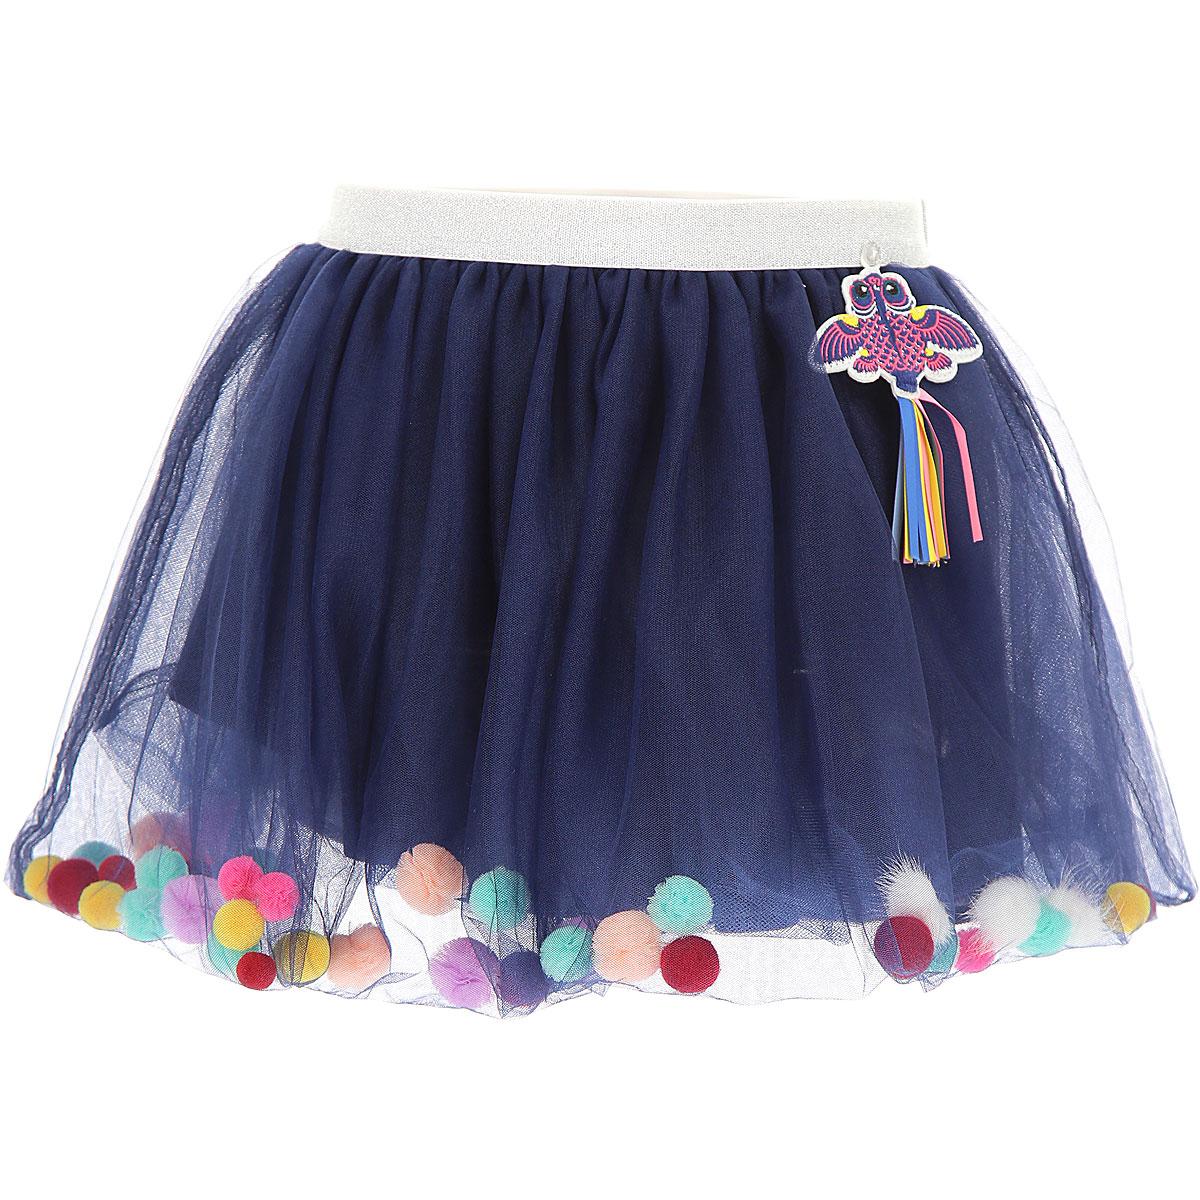 Image of Billieblush Kids Skirts for Girls, Blue, polyamide, 2017, 10Y 2Y 4Y 6Y 8Y